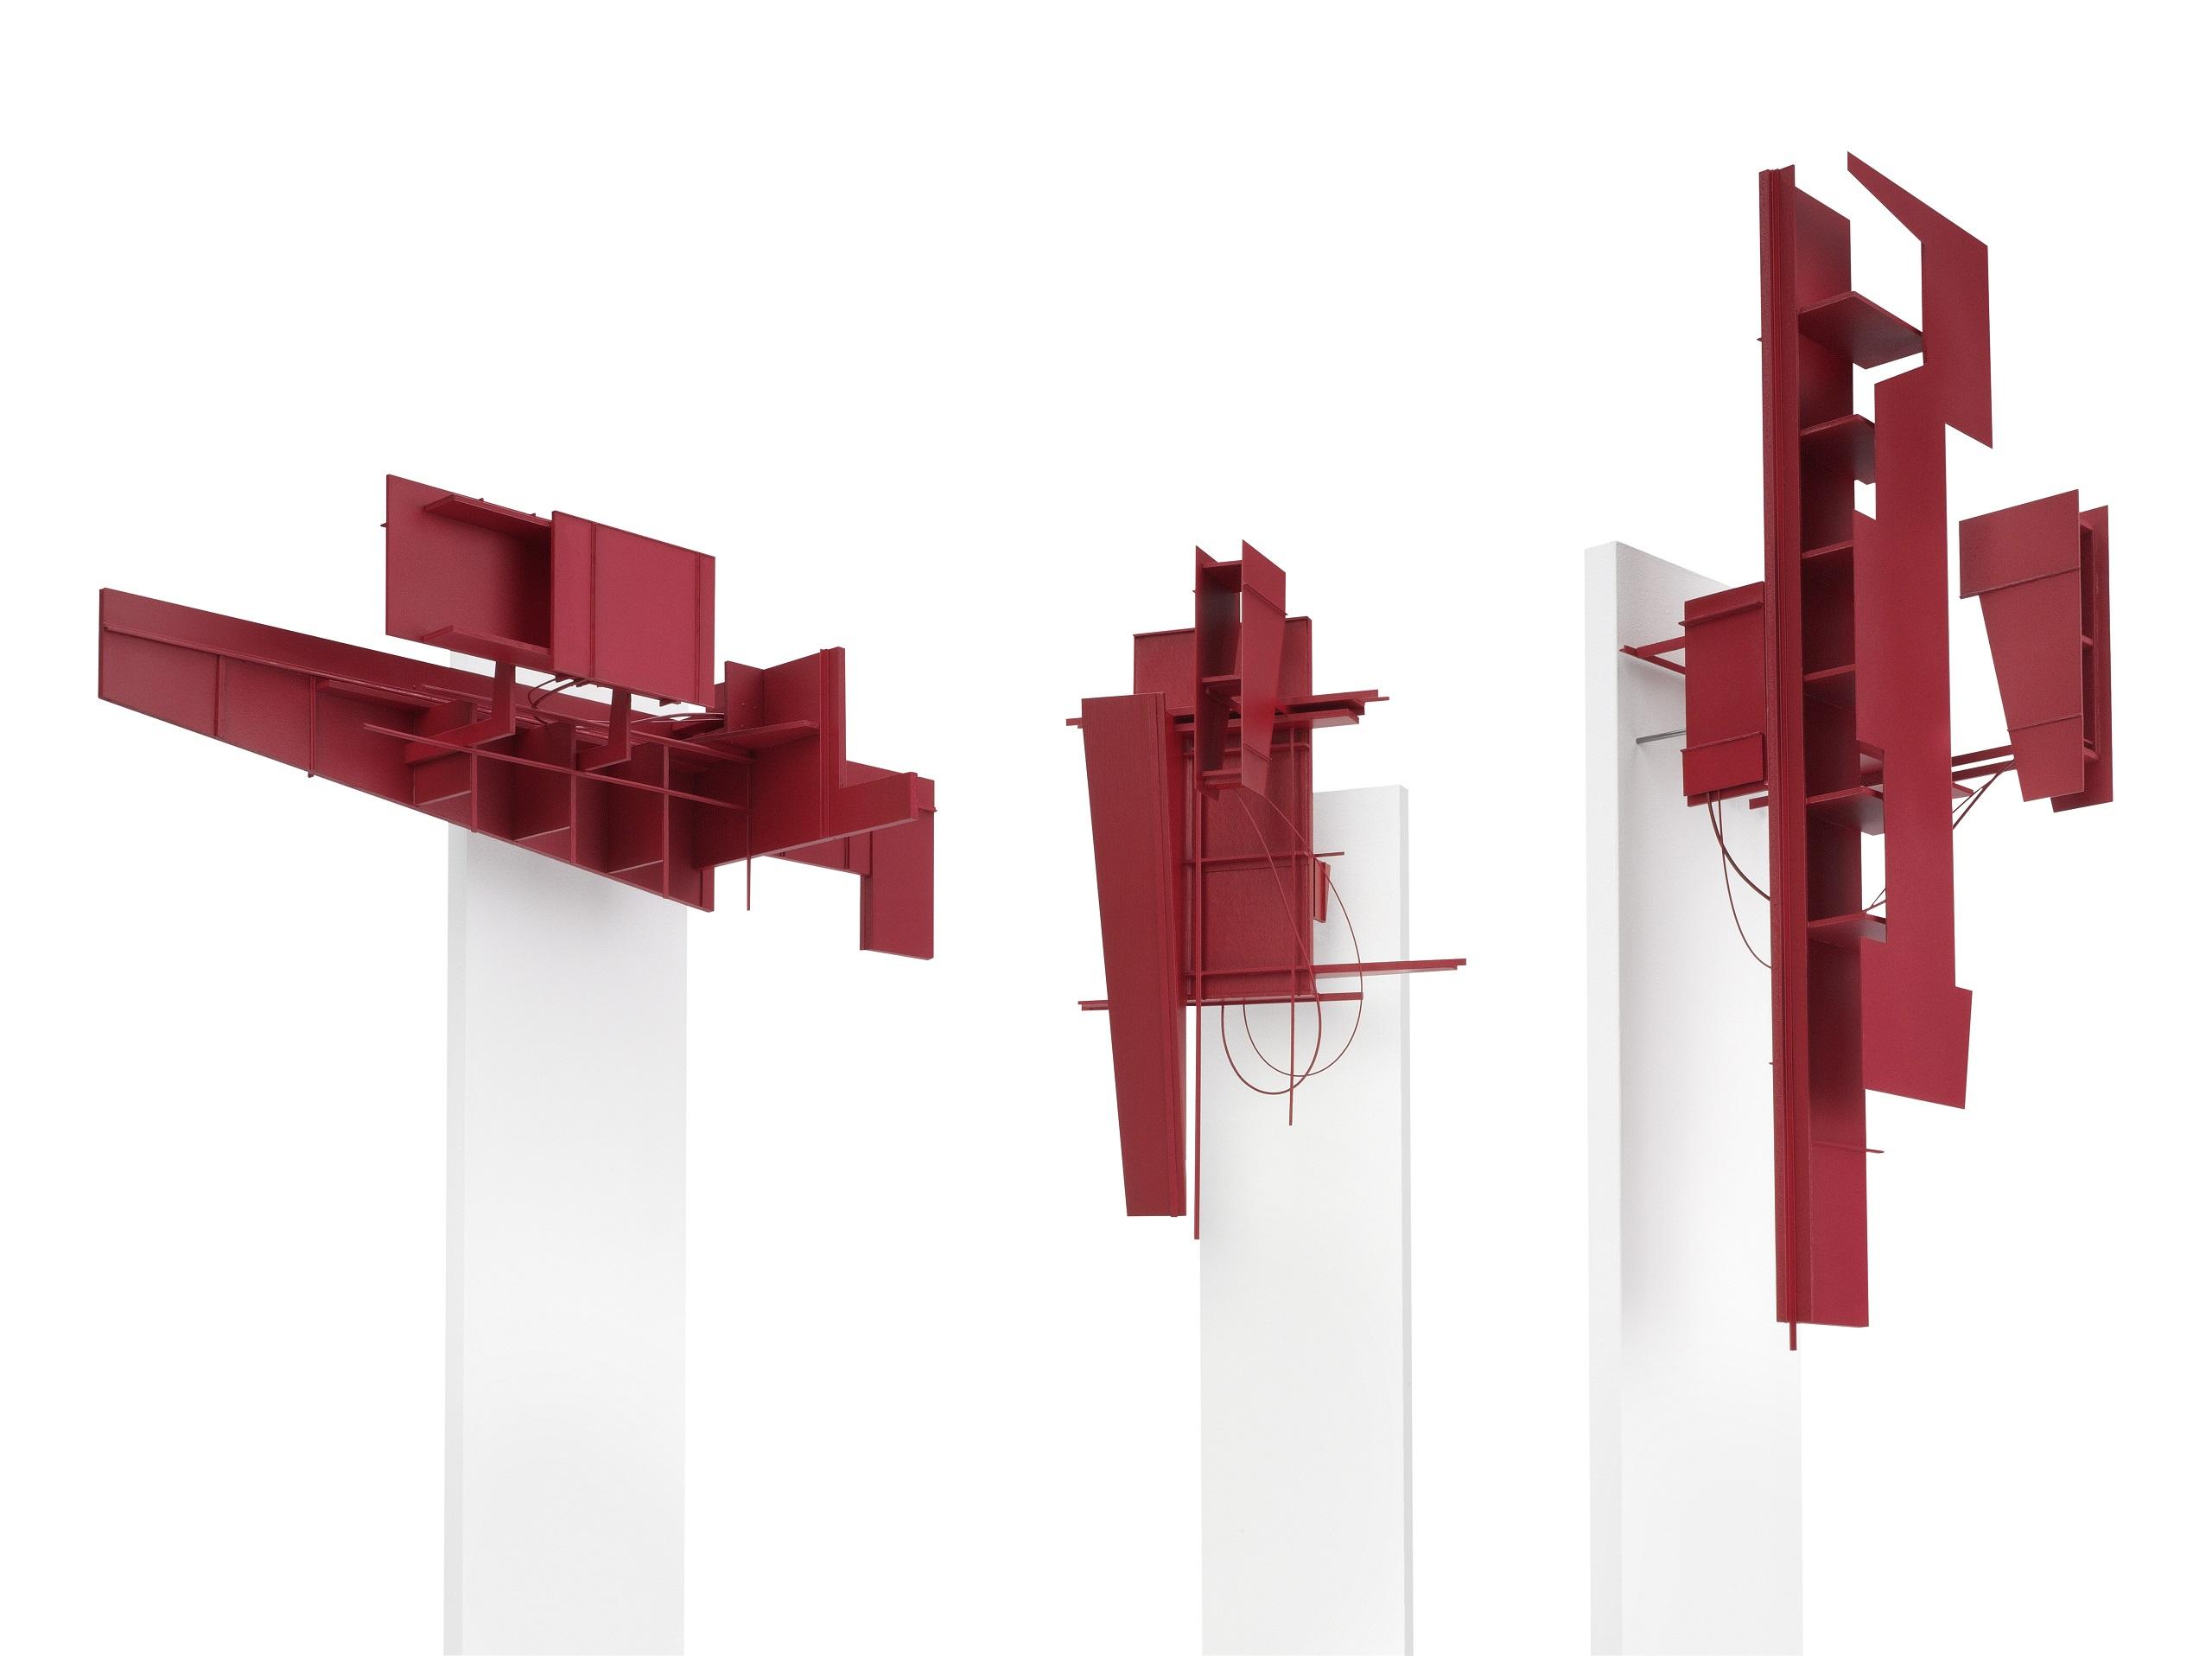 Karl-Heinz Bogner, Ohne Titel, 2016, Objektgruppe Holz, Karton, MDF, Acrylfarbe, Höhe mit Sockel: 139 cm